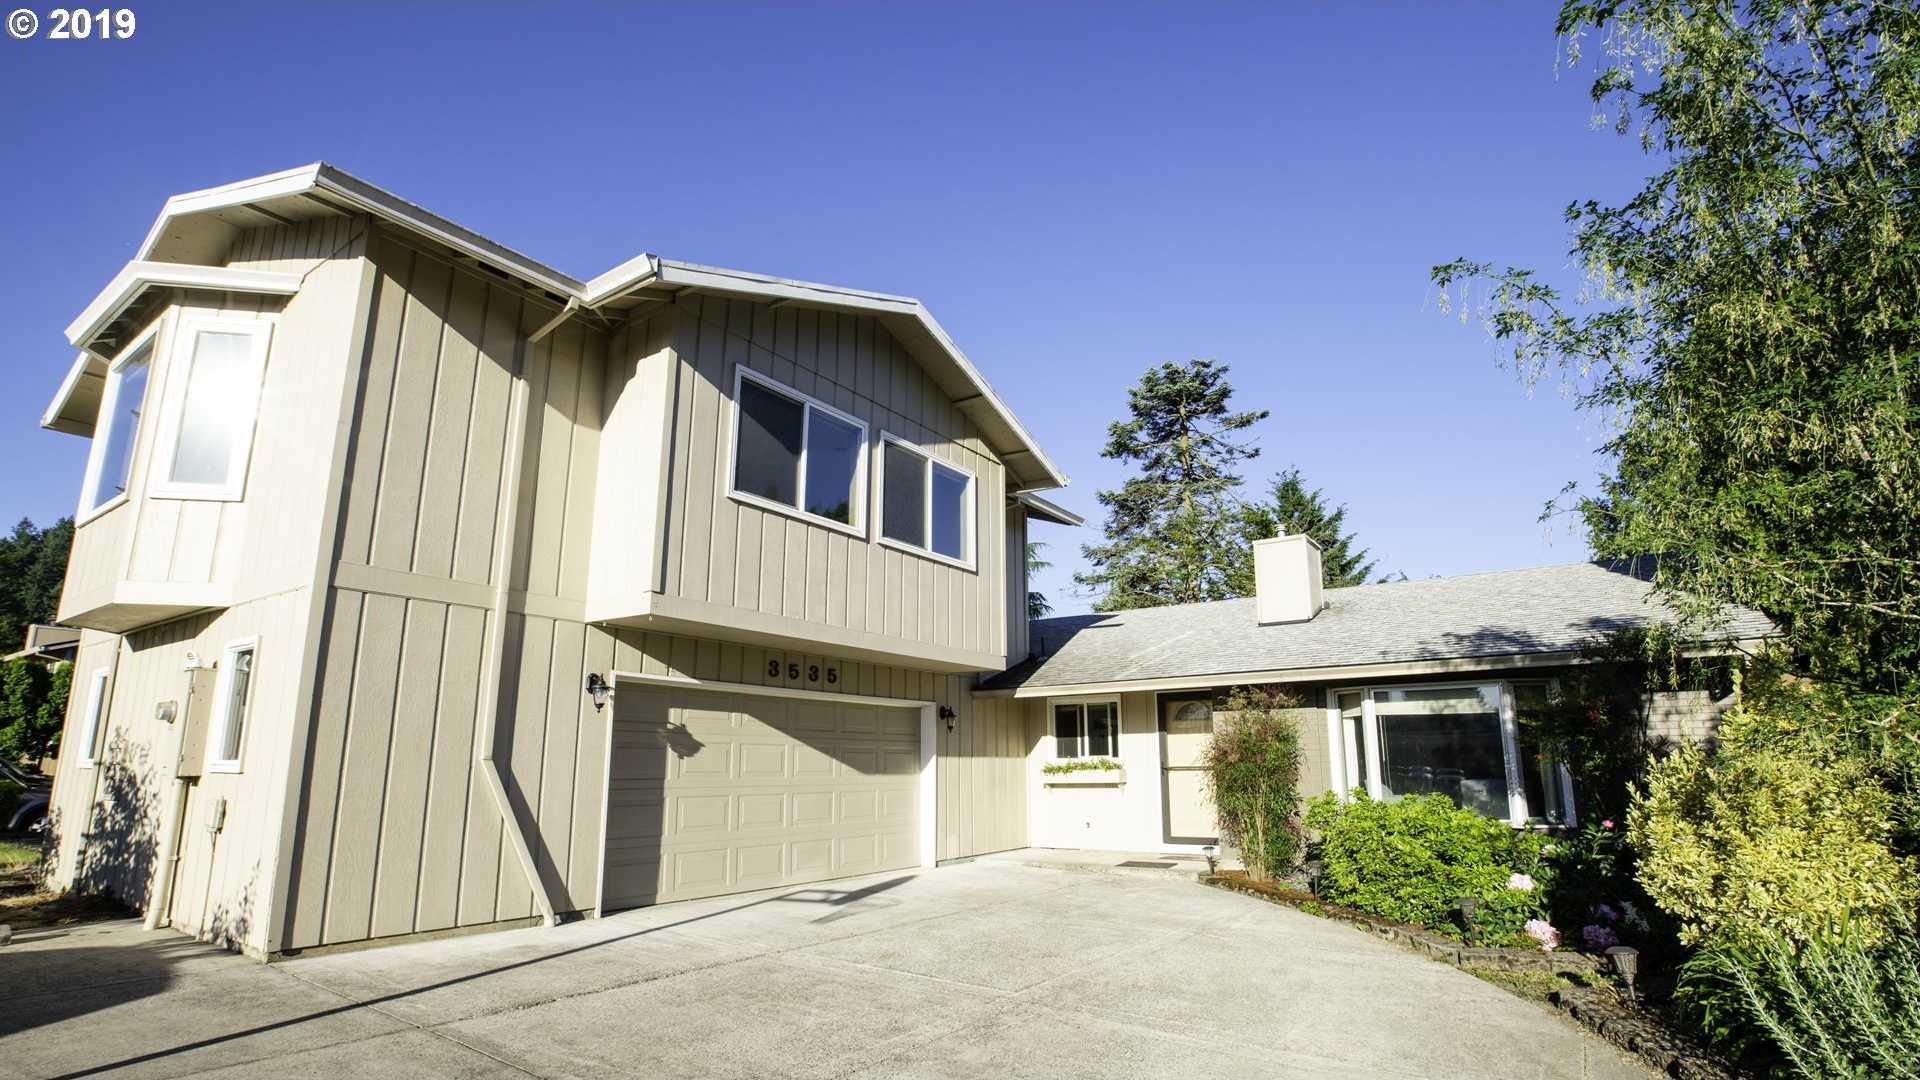 $399,500 - 4Br/3Ba -  for Sale in Powell Butte, Portland